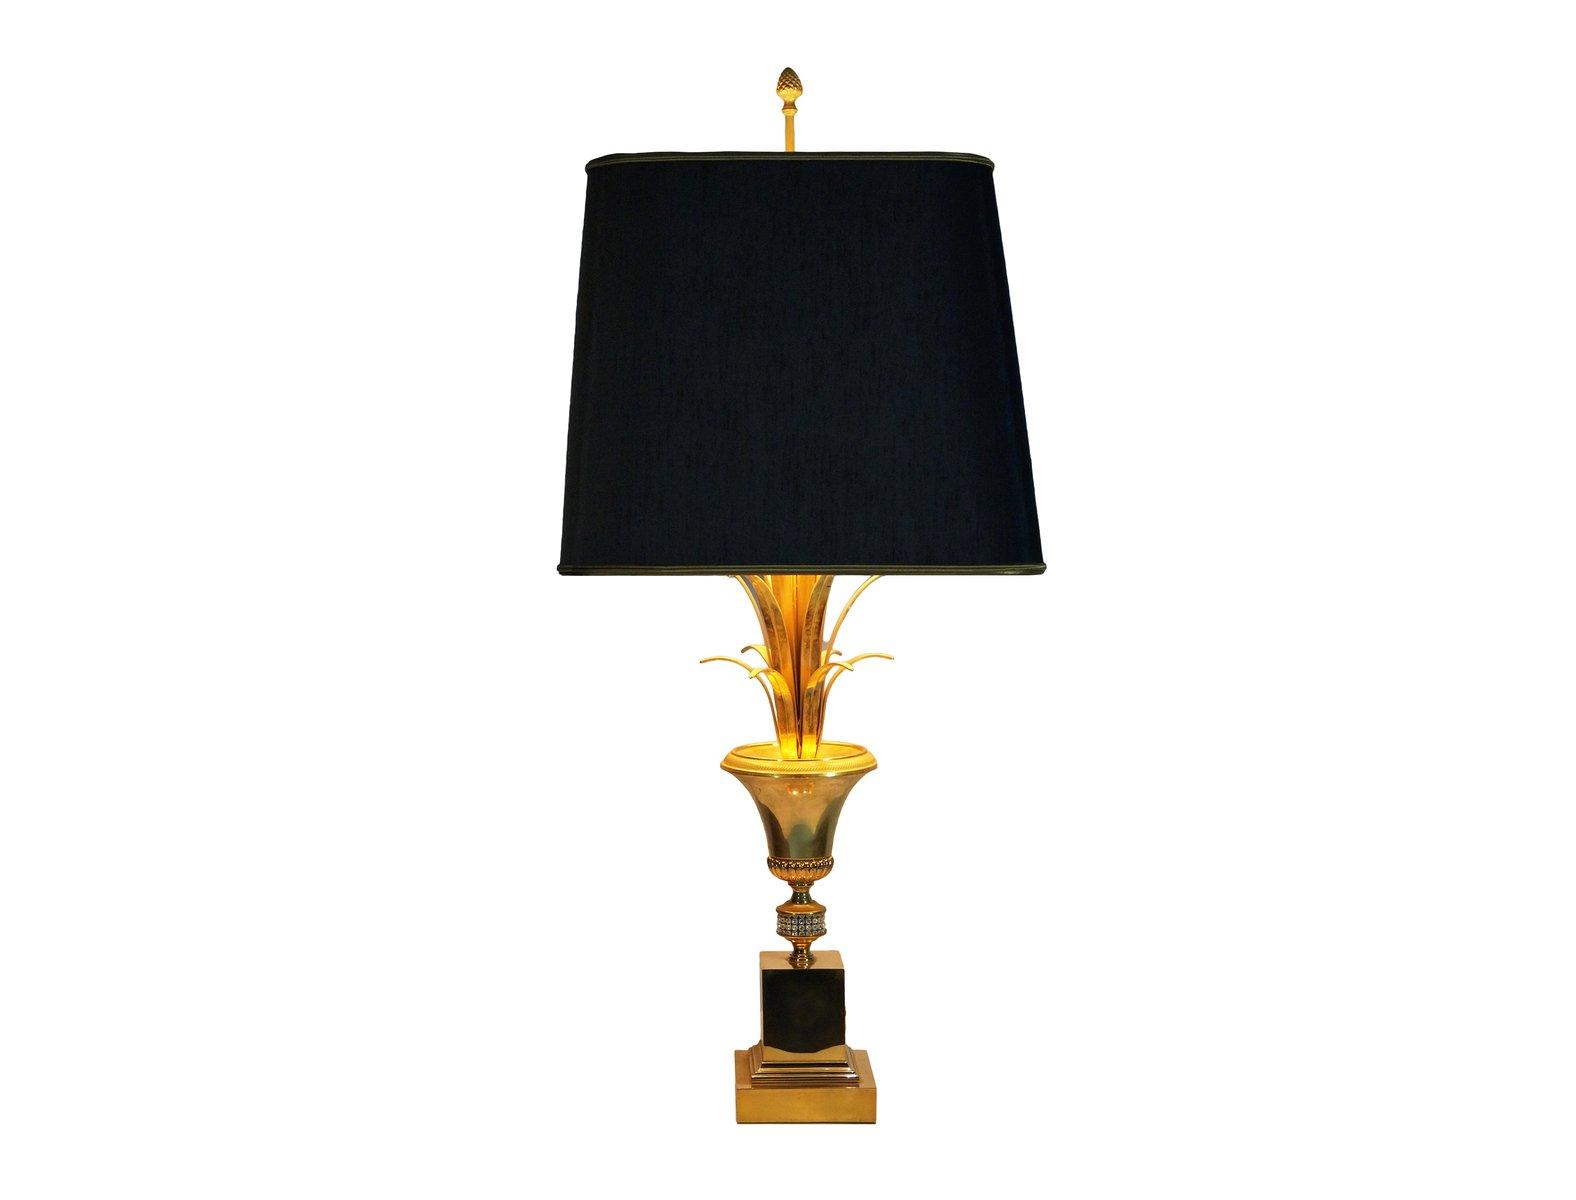 Lampe Palmier De Maison Charles France 1970s En Vente Sur Pamono